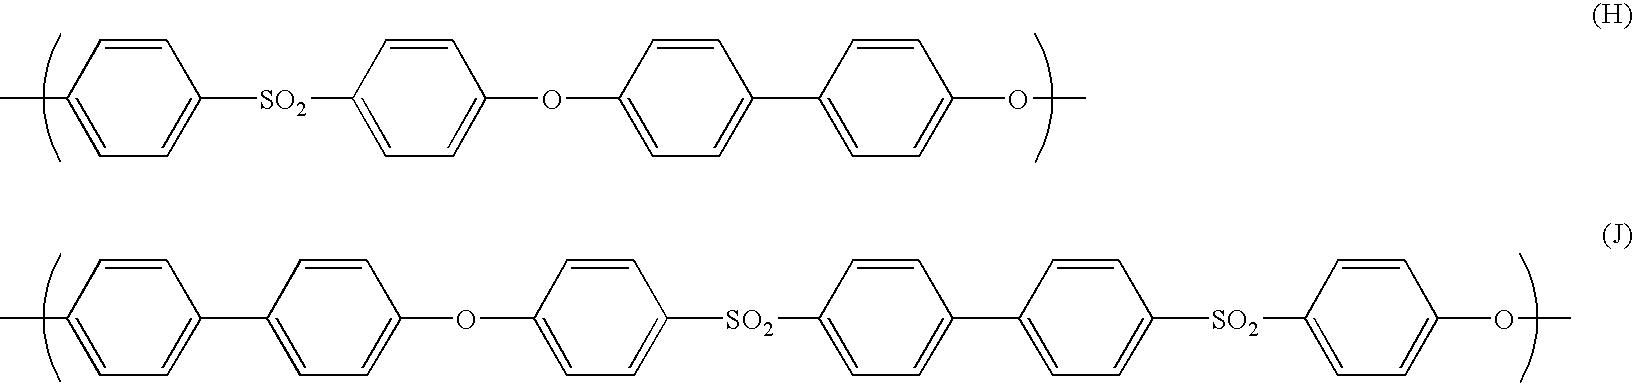 Figure US20100273957A1-20101028-C00034